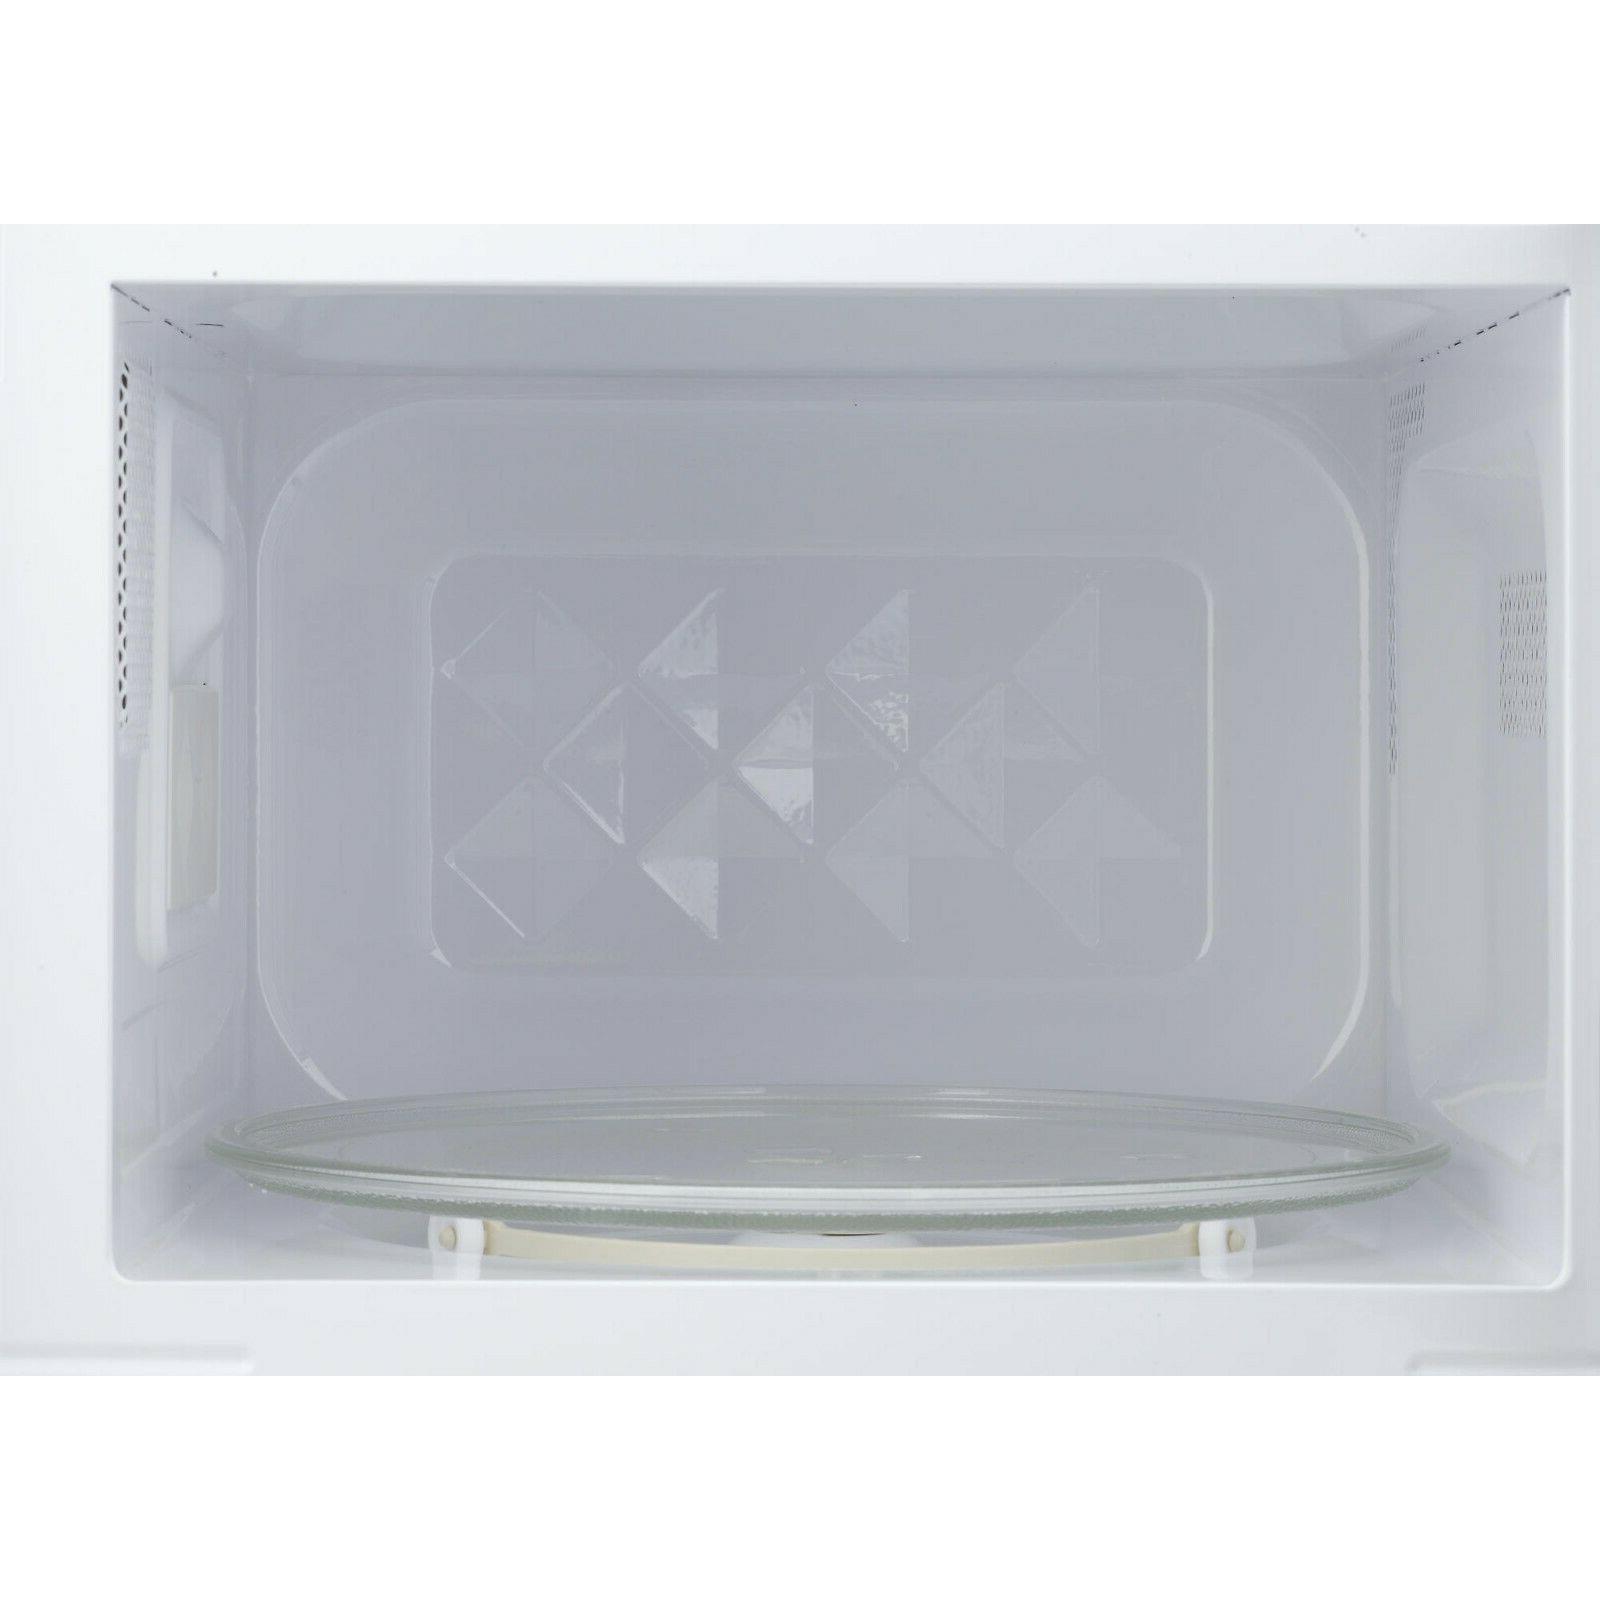 Kenmore Countertop Oven White Diamond Cavity Auto Defrost